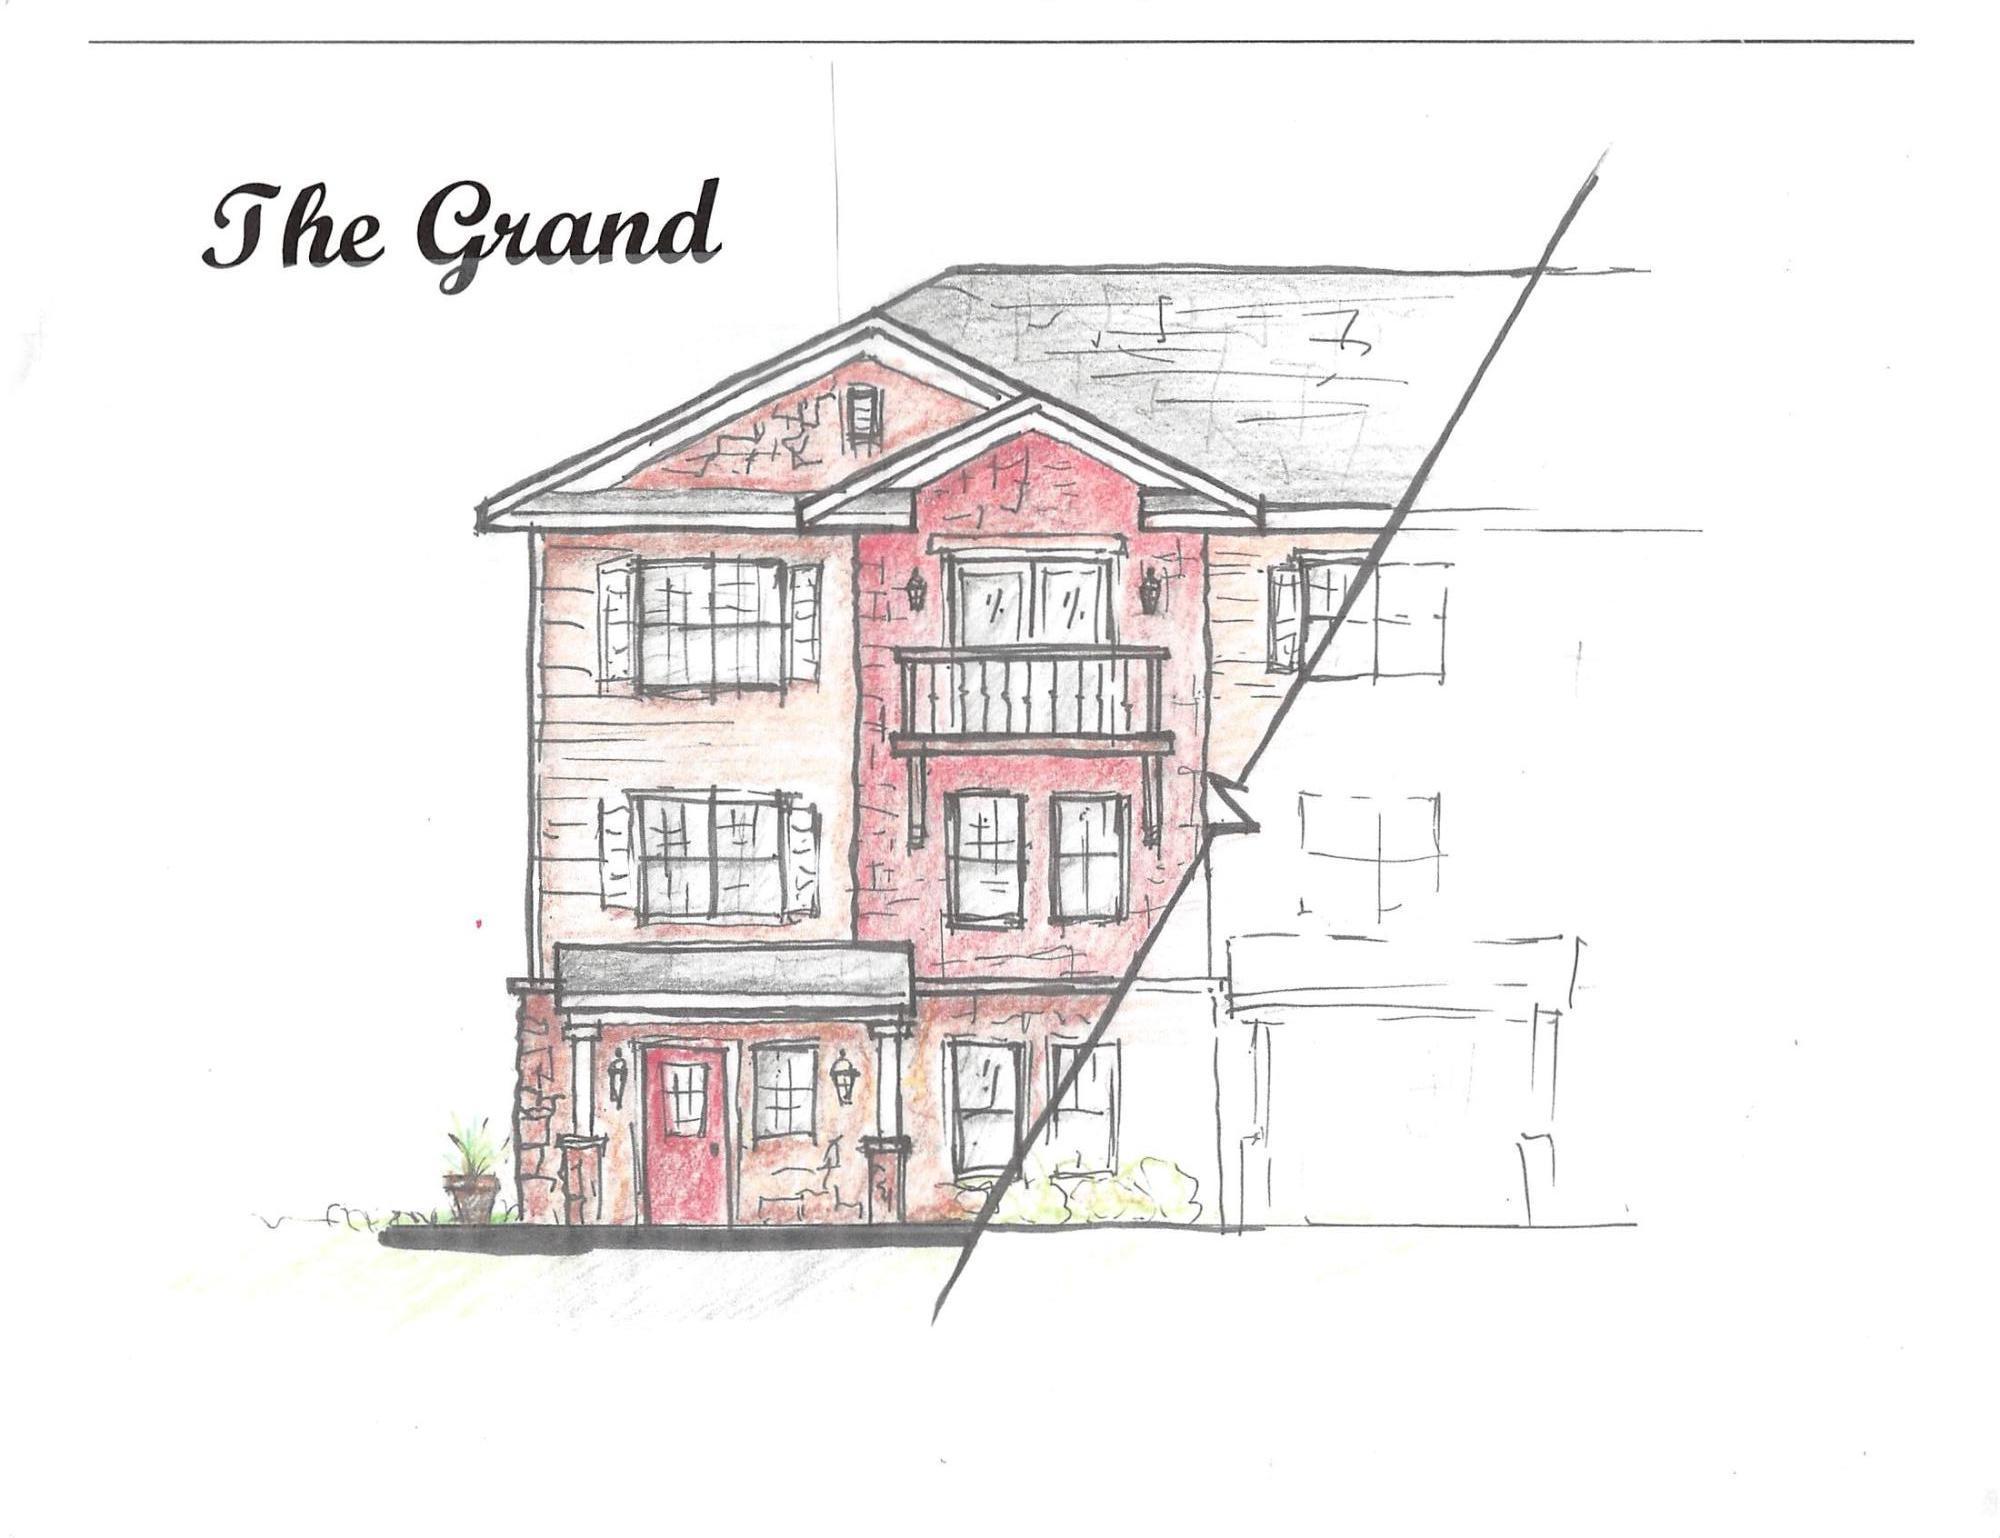 209 Fox St, Mukwonago, Wisconsin 53149, 2 Bedrooms Bedrooms, ,2 BathroomsBathrooms,Condominiums,For Sale,Fox St,1,1695819